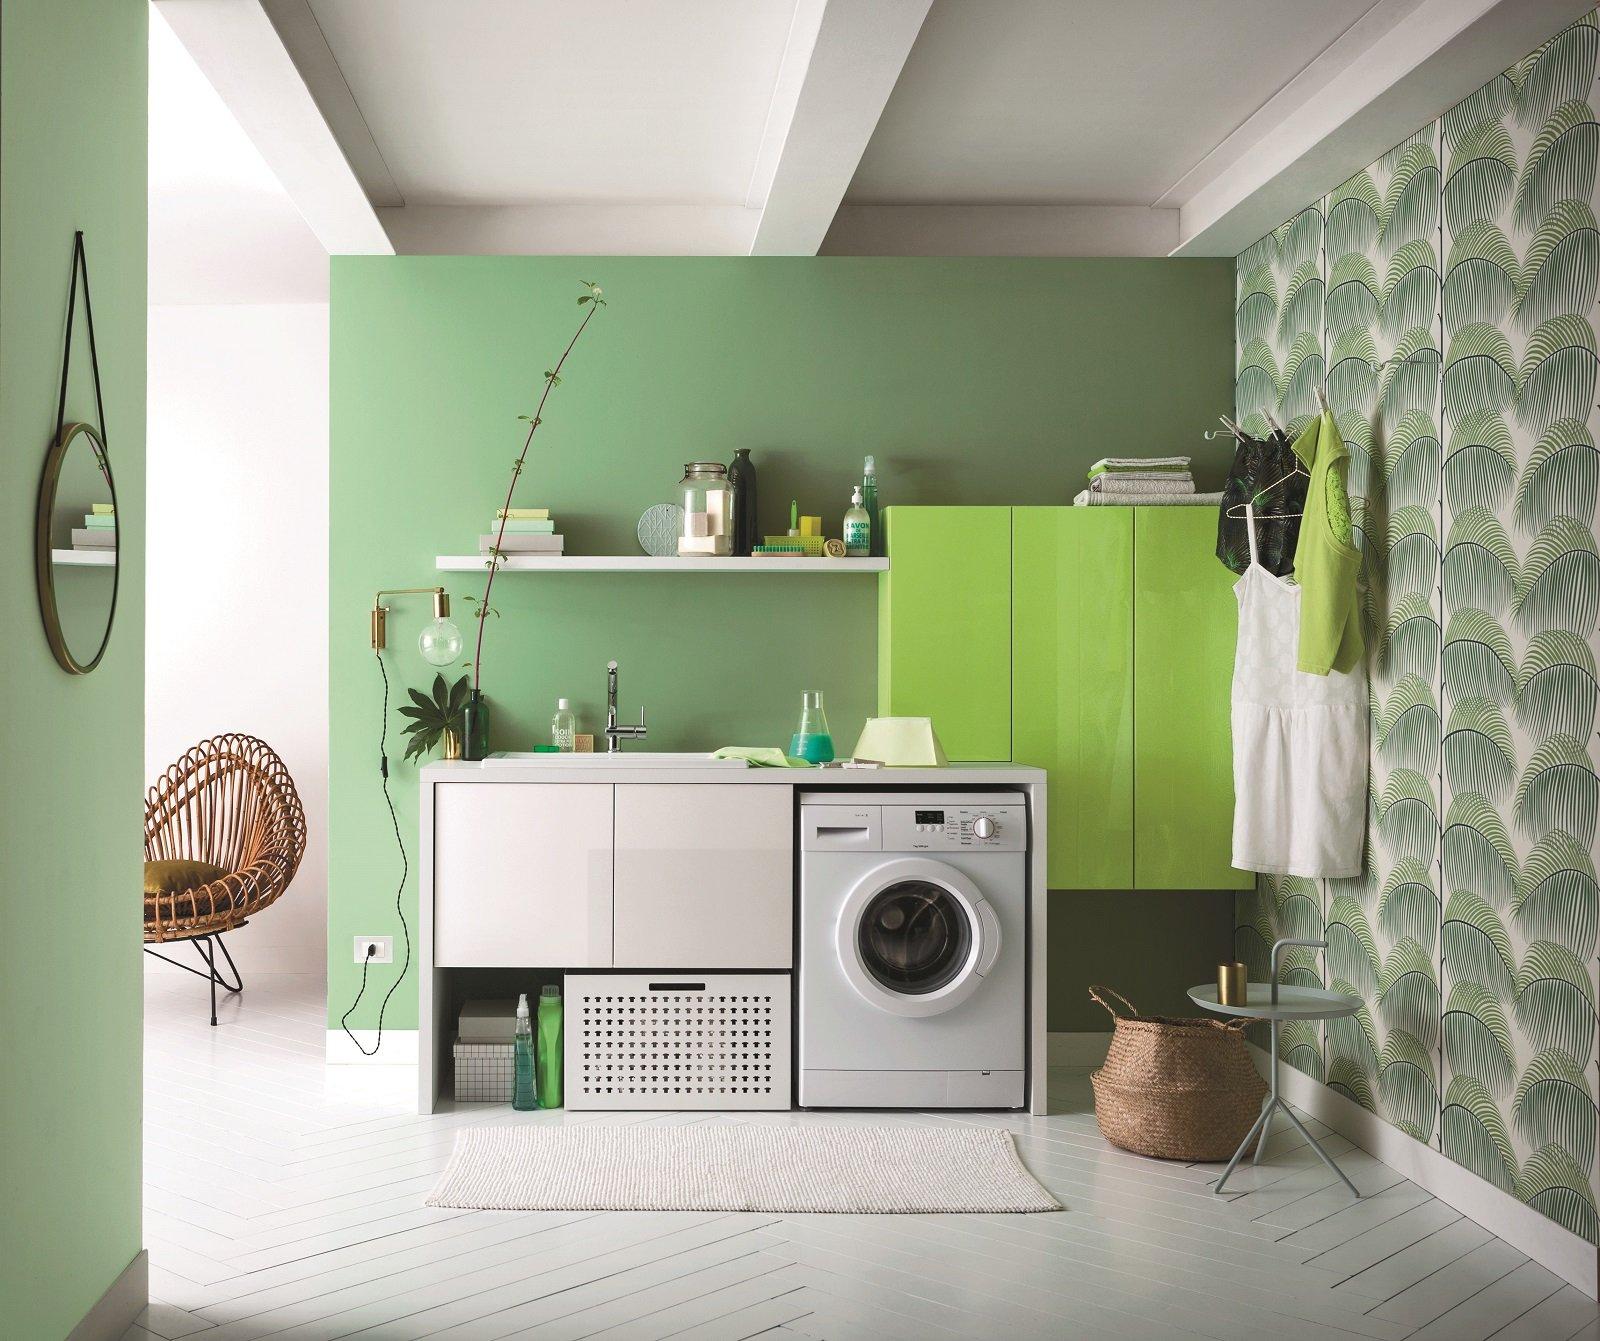 Lavanderia in bagno cose di casa for Piccoli piani di casa verdi